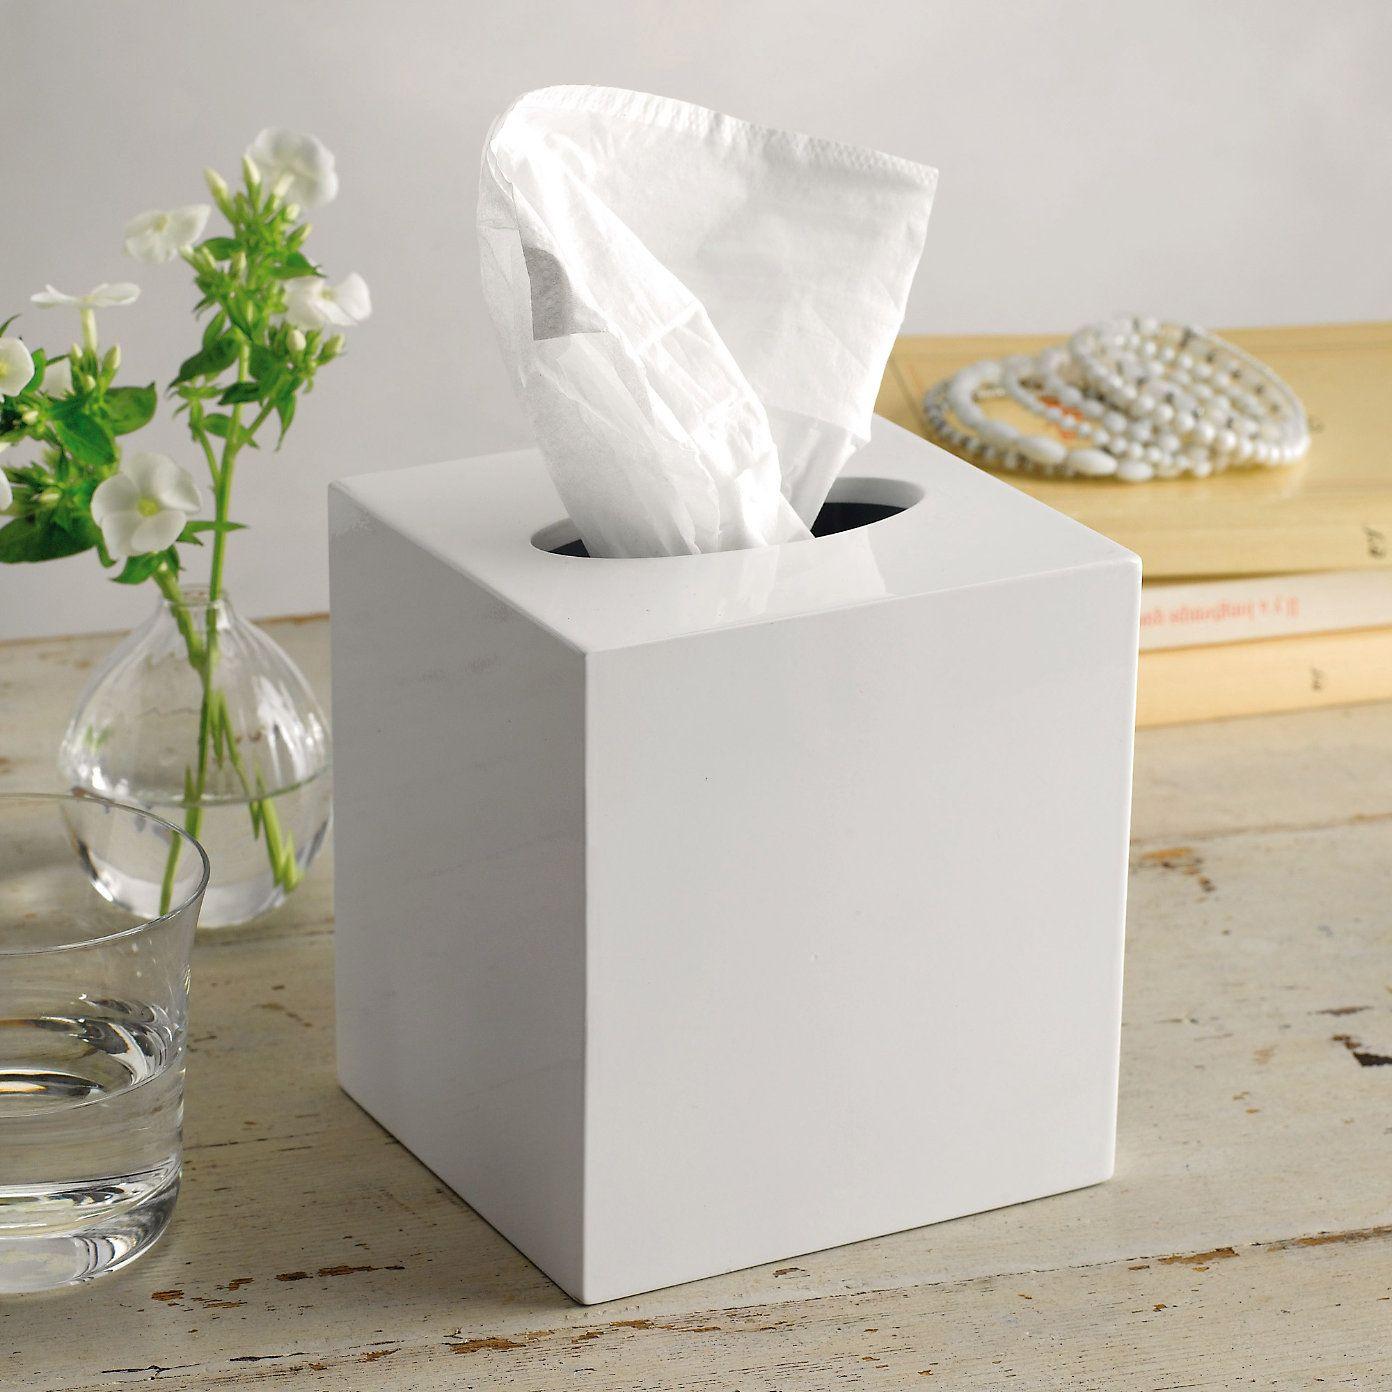 Lacquer Tissue Box Cover The White